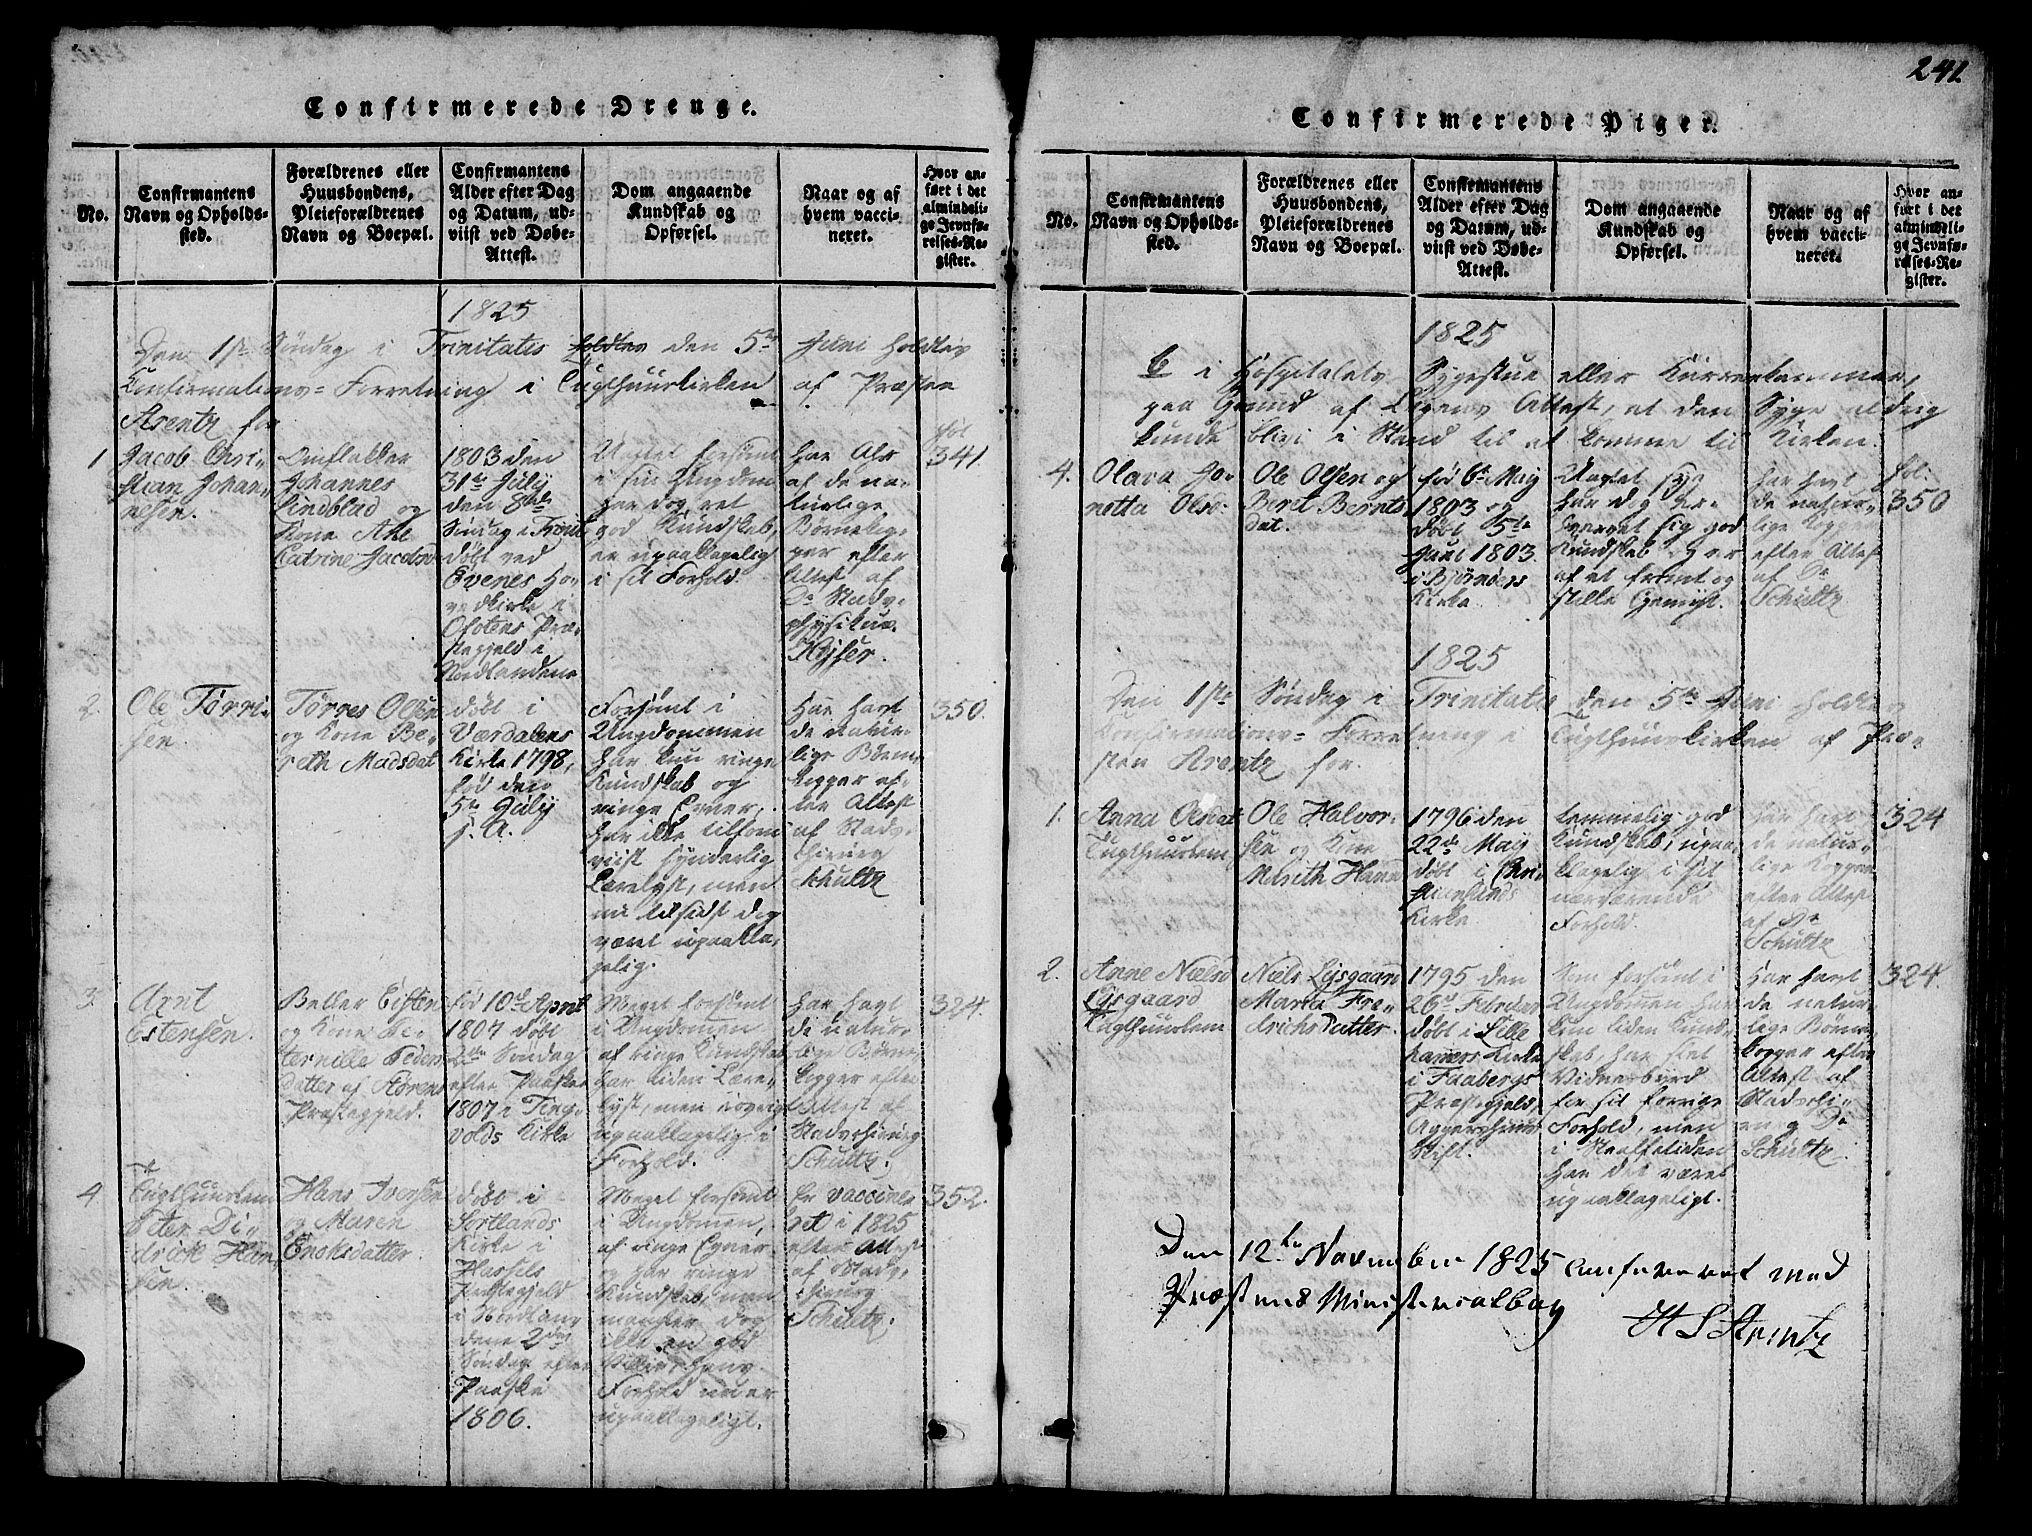 SAT, Ministerialprotokoller, klokkerbøker og fødselsregistre - Sør-Trøndelag, 623/L0478: Klokkerbok nr. 623C01, 1815-1873, s. 241